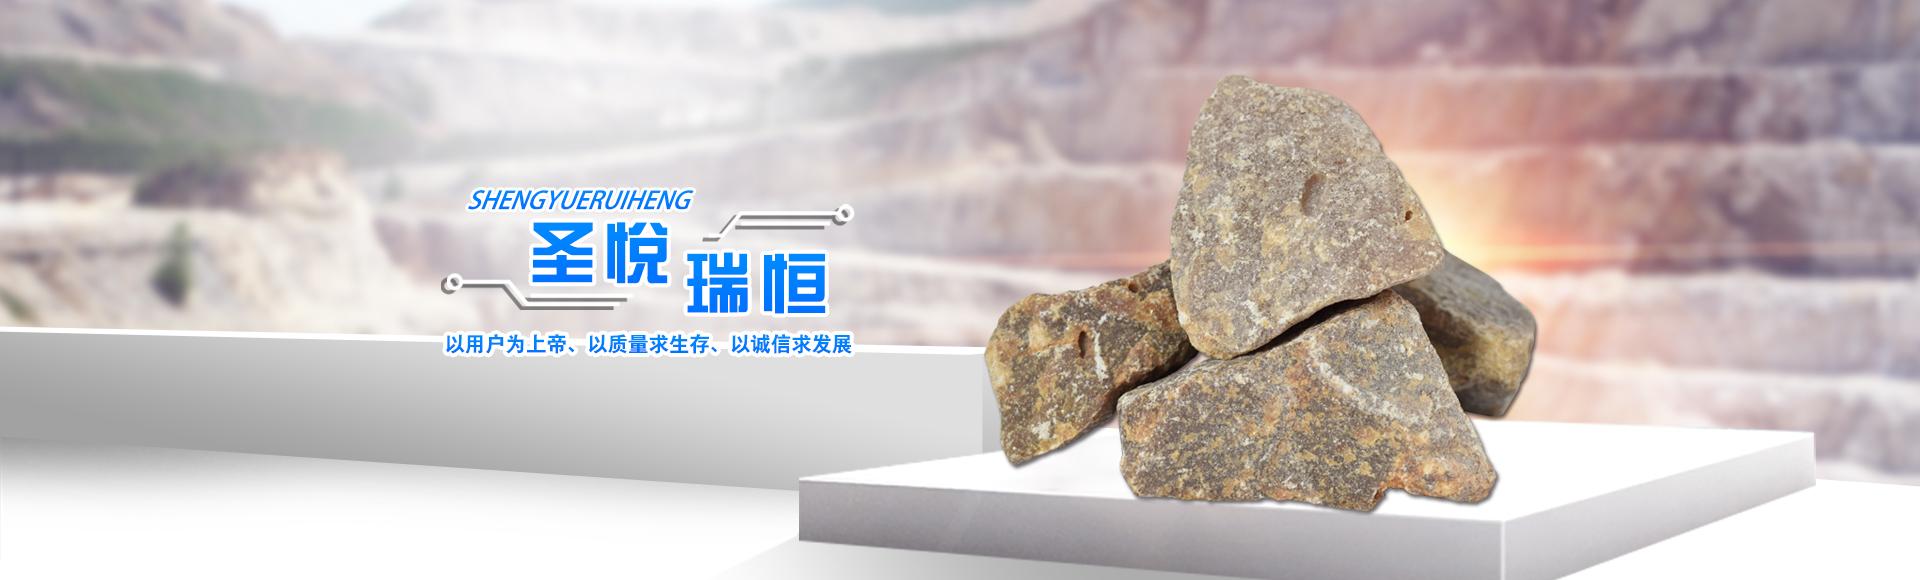 鞍山滑石粉